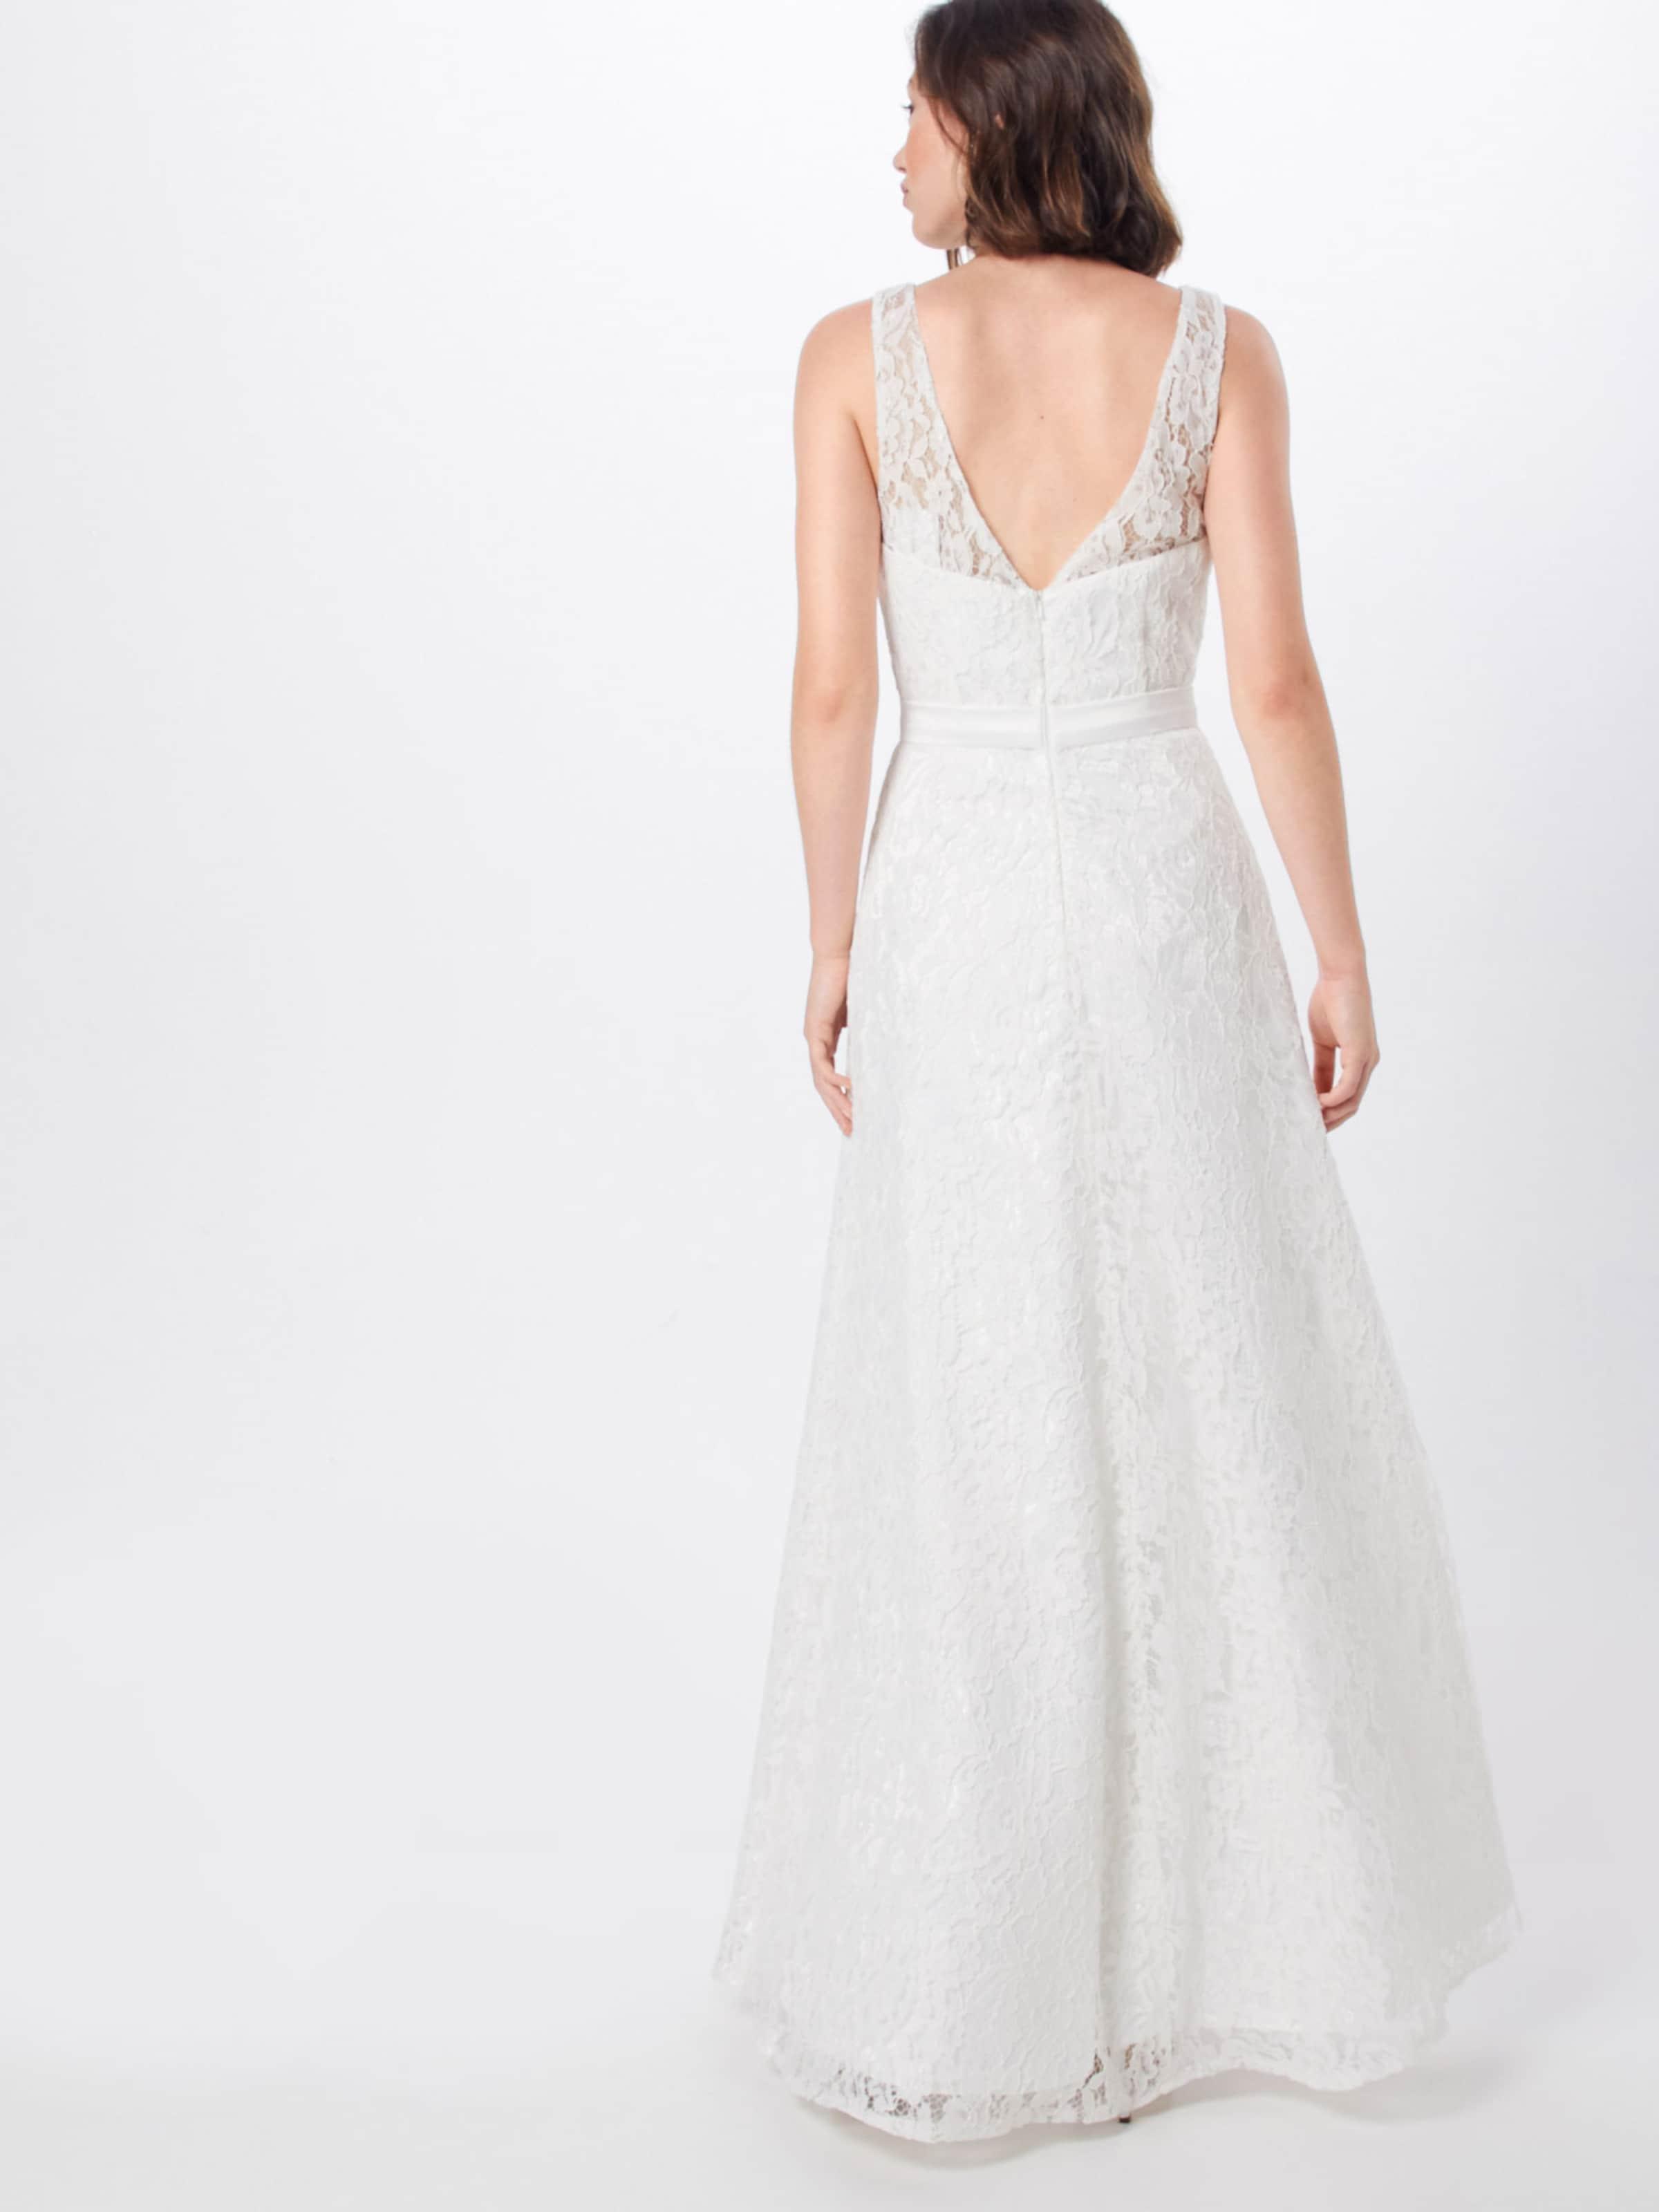 Brautkleid In Bride Brautkleid Magic Magic Bride Magic Bride In Brautkleid Weiß Weiß On08wkXP